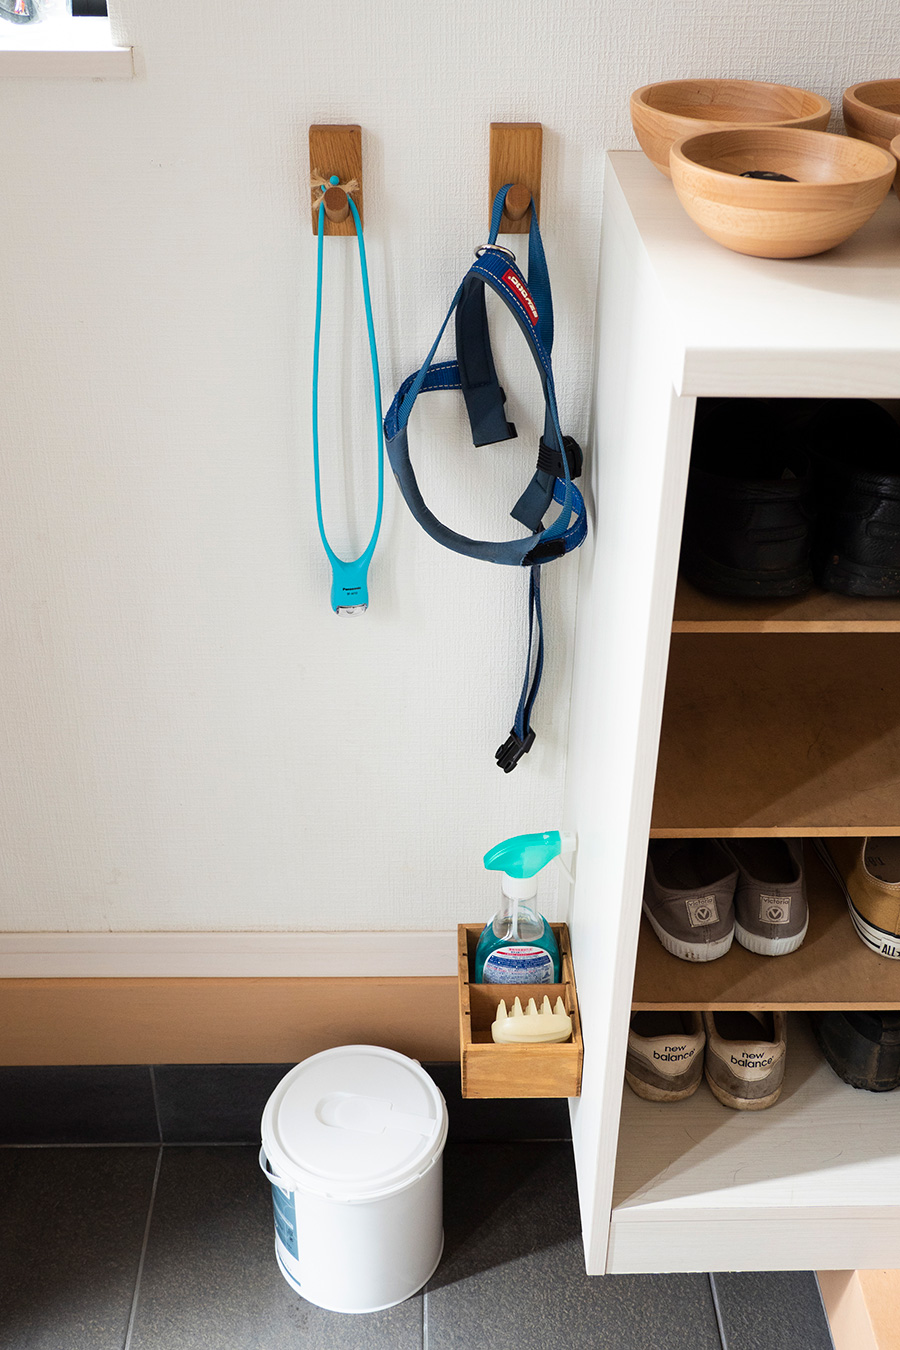 フックにかけたリードは、絡みにくいのもポイント。お手入れグッズも、靴箱に収納を取り付けて、浮かせてスタンバイ。